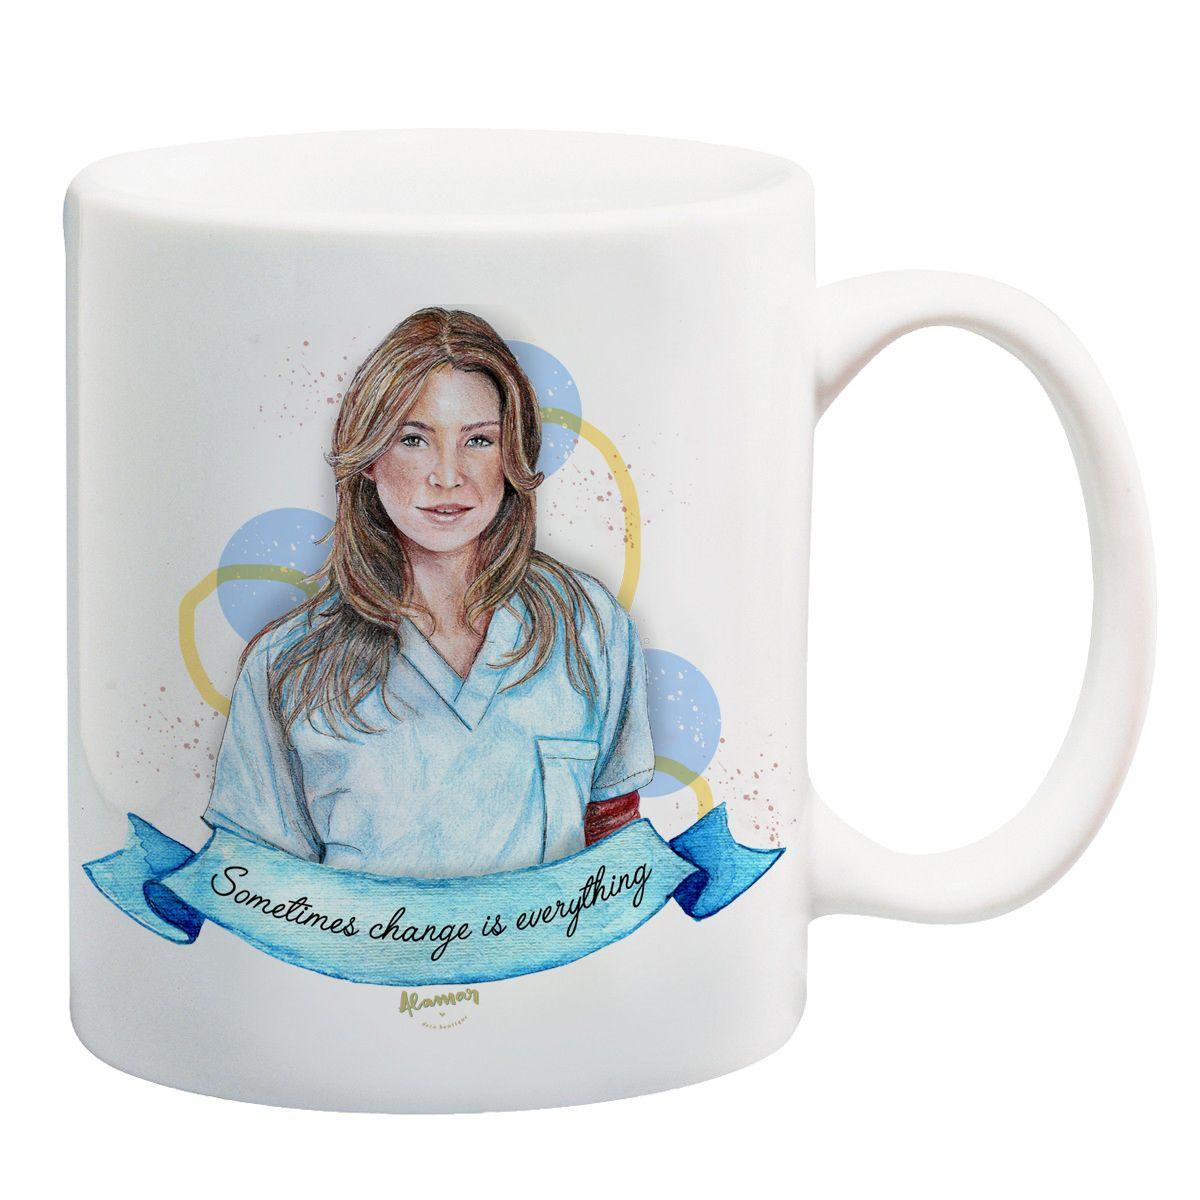 Tazón Meredith